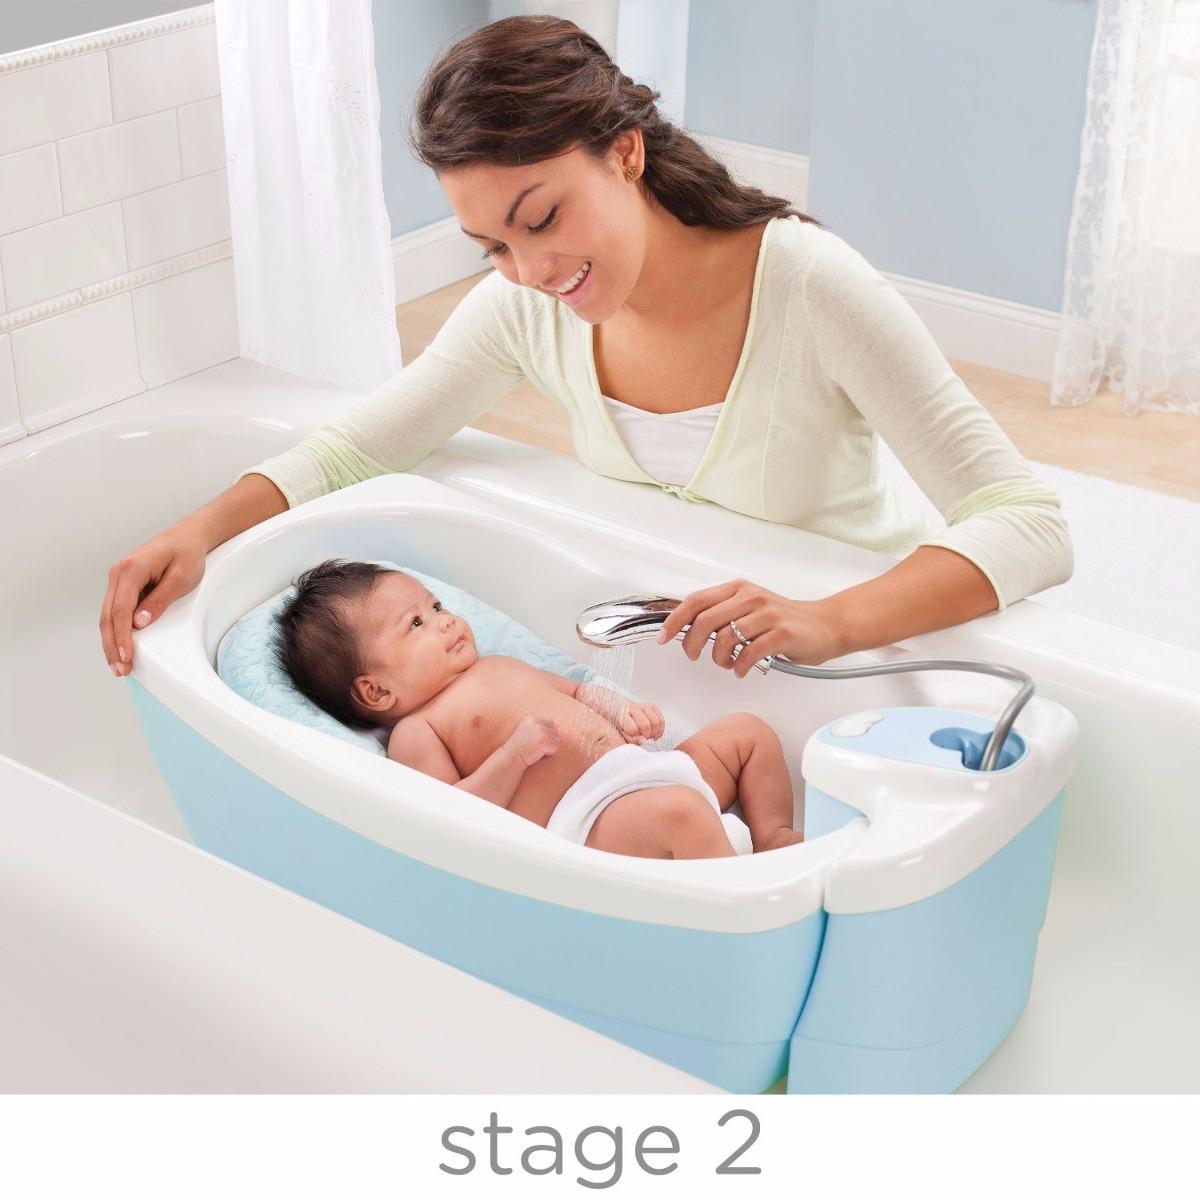 Baño De Bebe En Regadera:baño bebe bañera